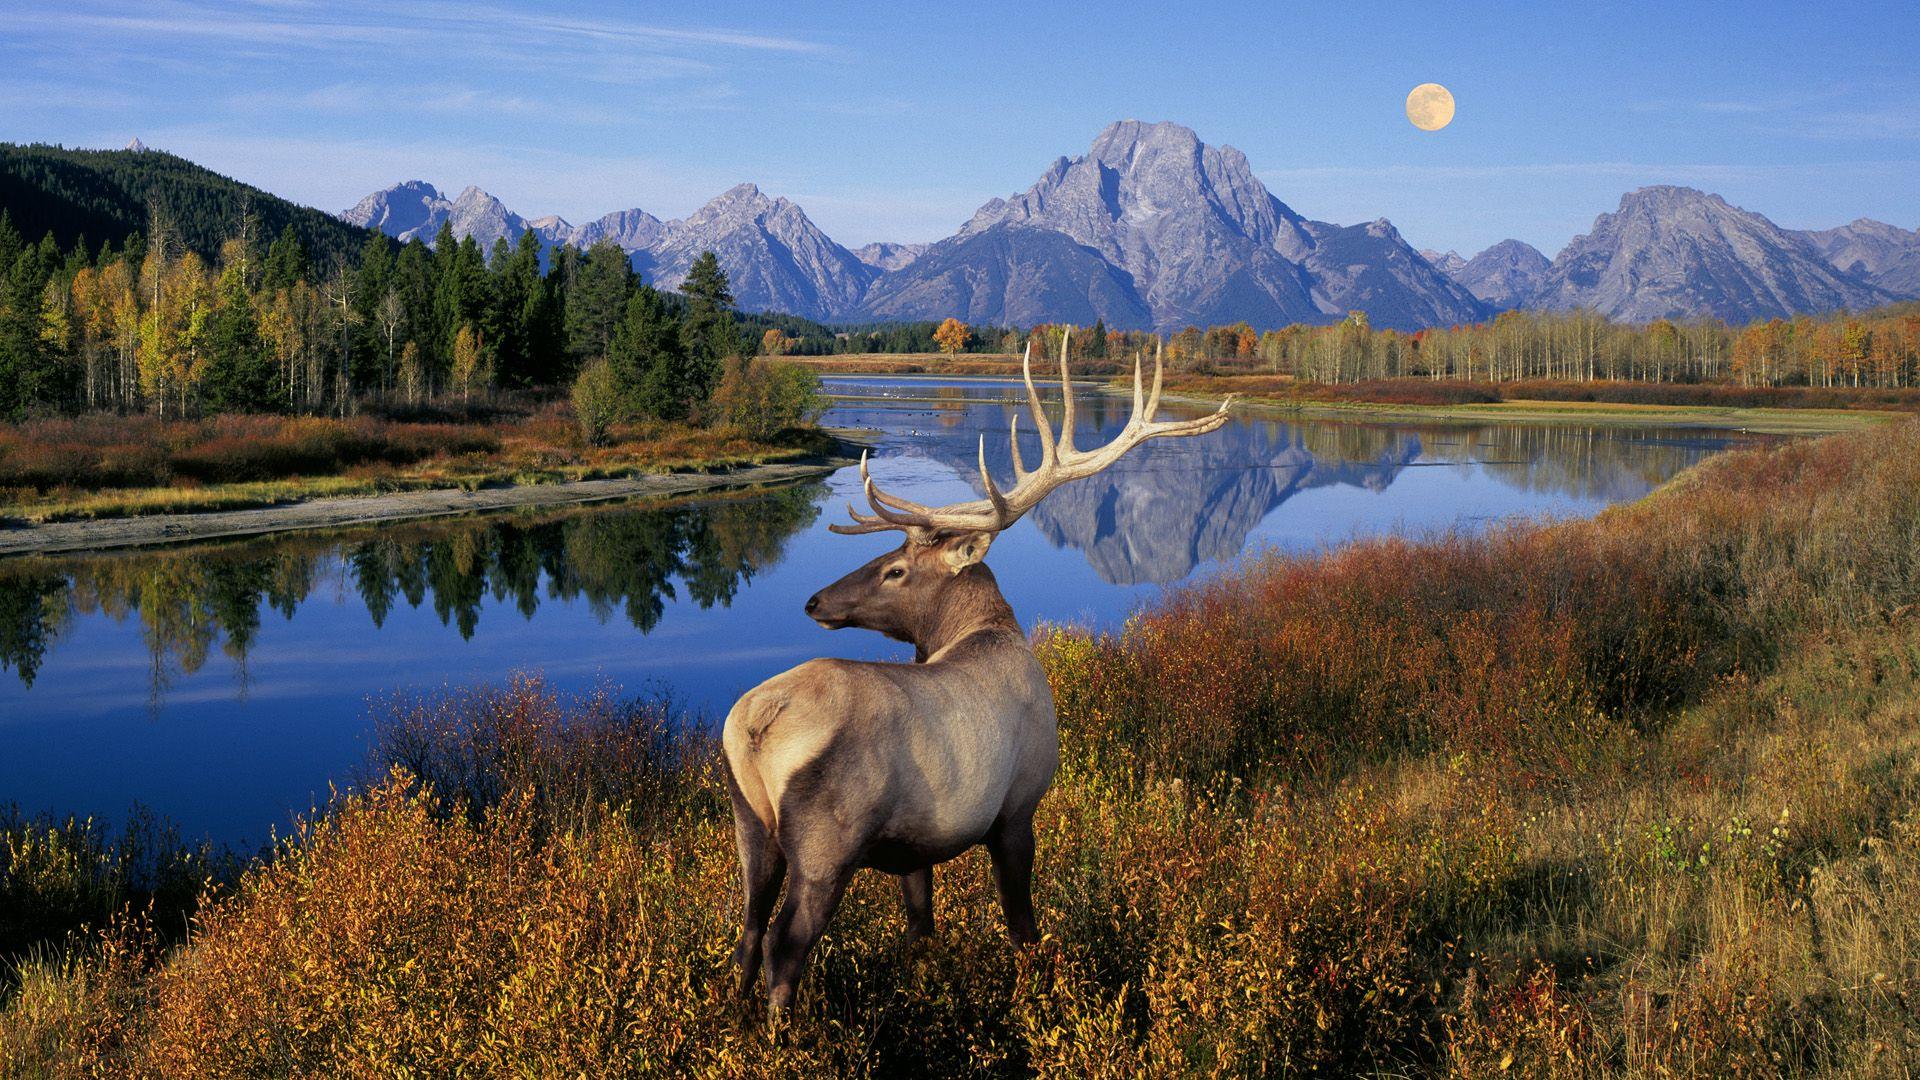 College of deer elk bear wildlife wallpaper wildlife animal wallpapers 1920x1080 business - Elk hunting wallpaper ...